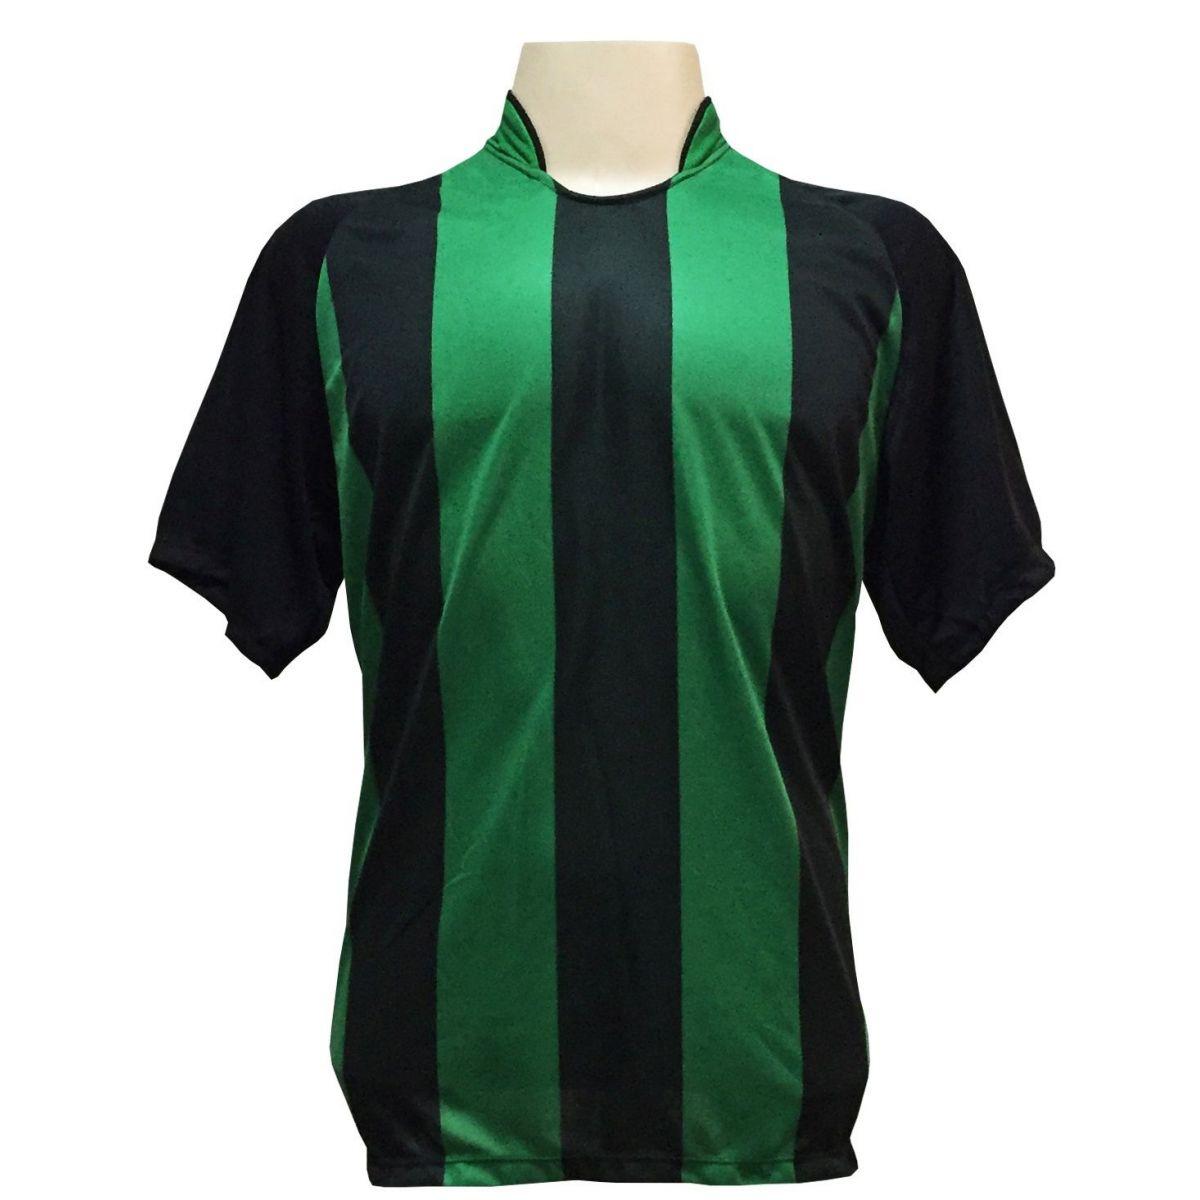 Uniforme Esportivo com 12 Camisas modelo Milan Preto/Verde + 12 Calções modelo Madrid Preto